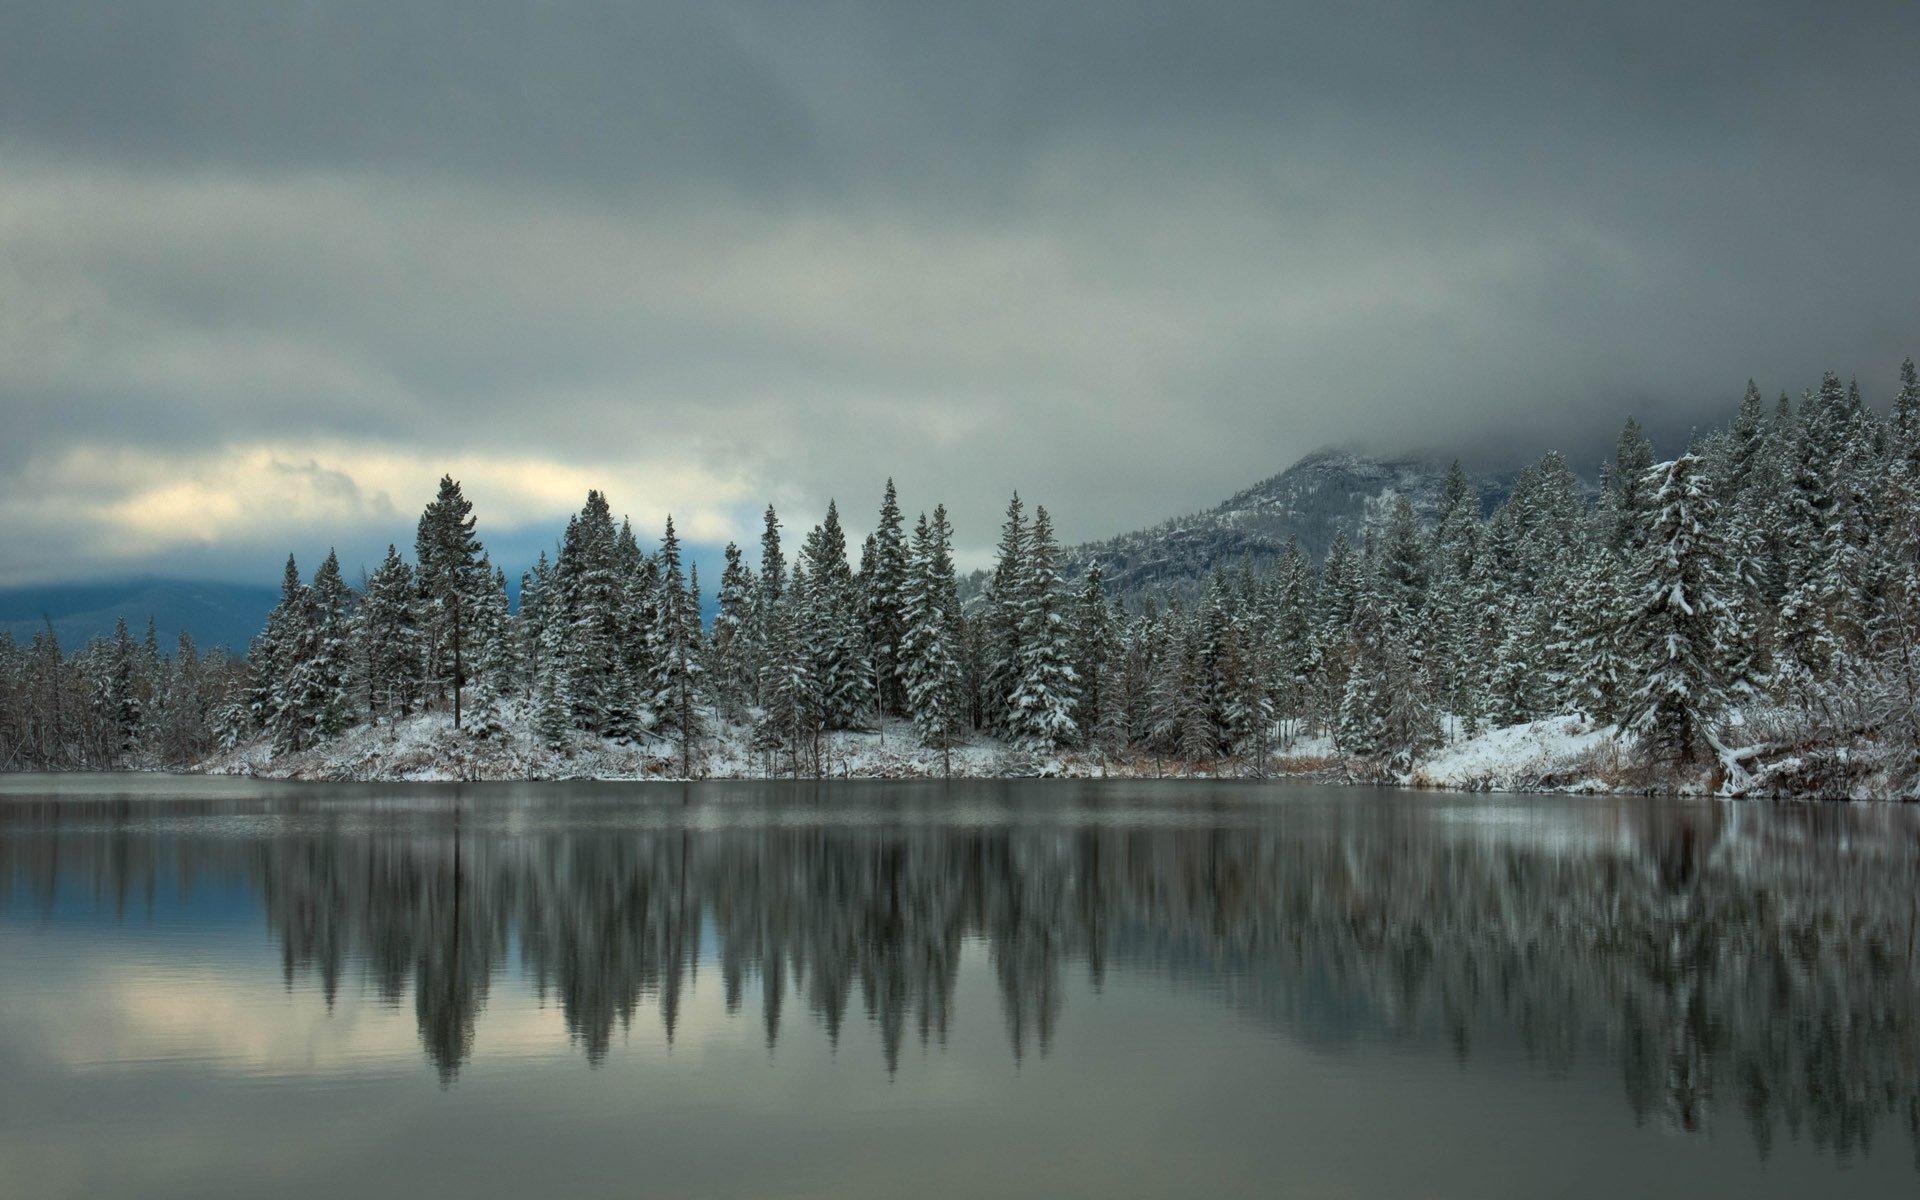 картинки зимнего озера в лесу